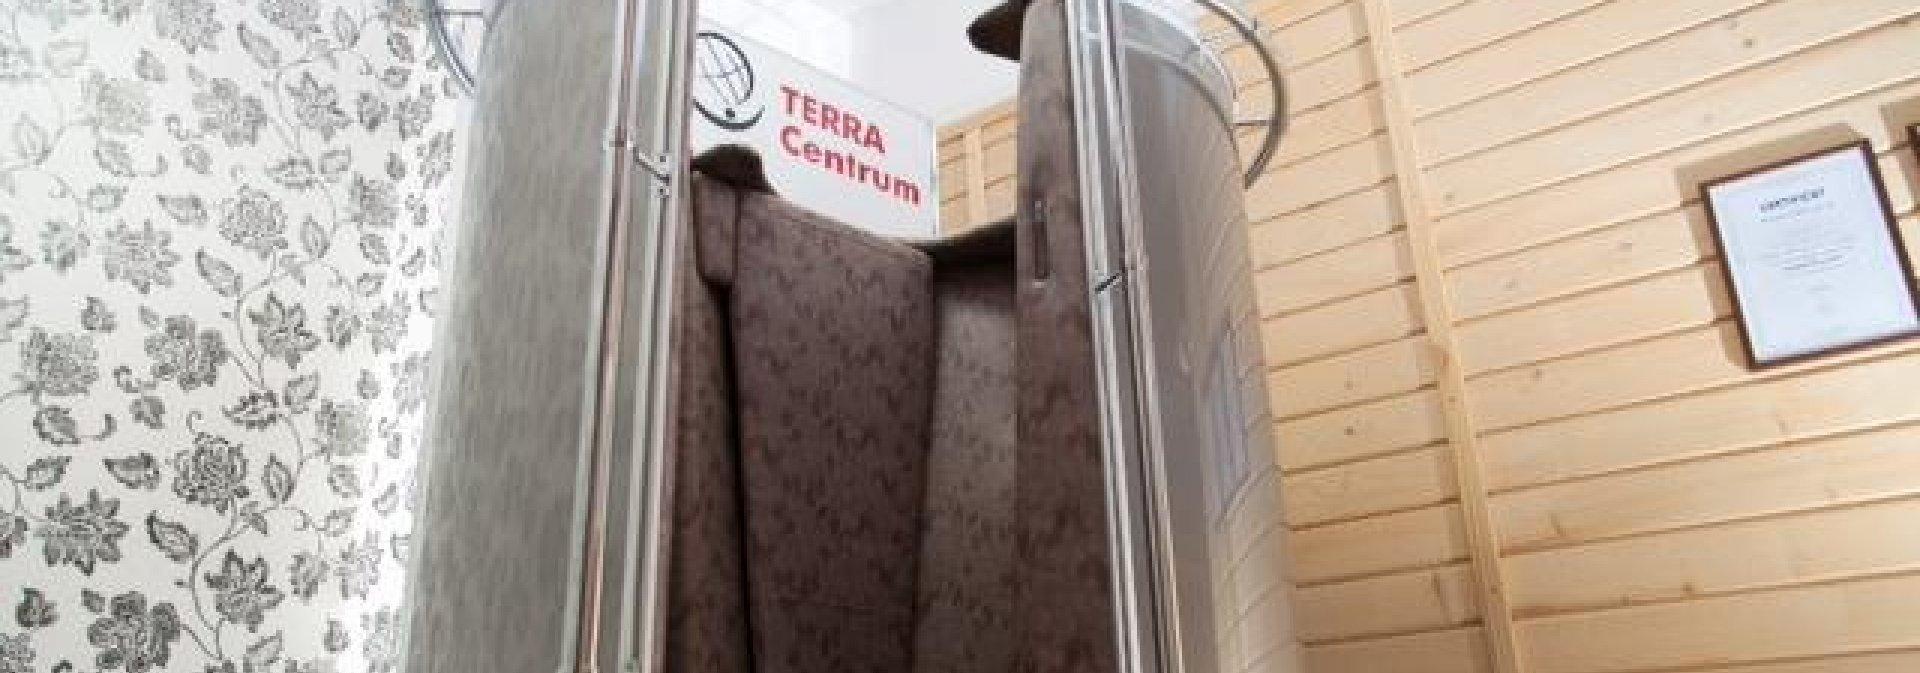 Terra Centrum, Iași